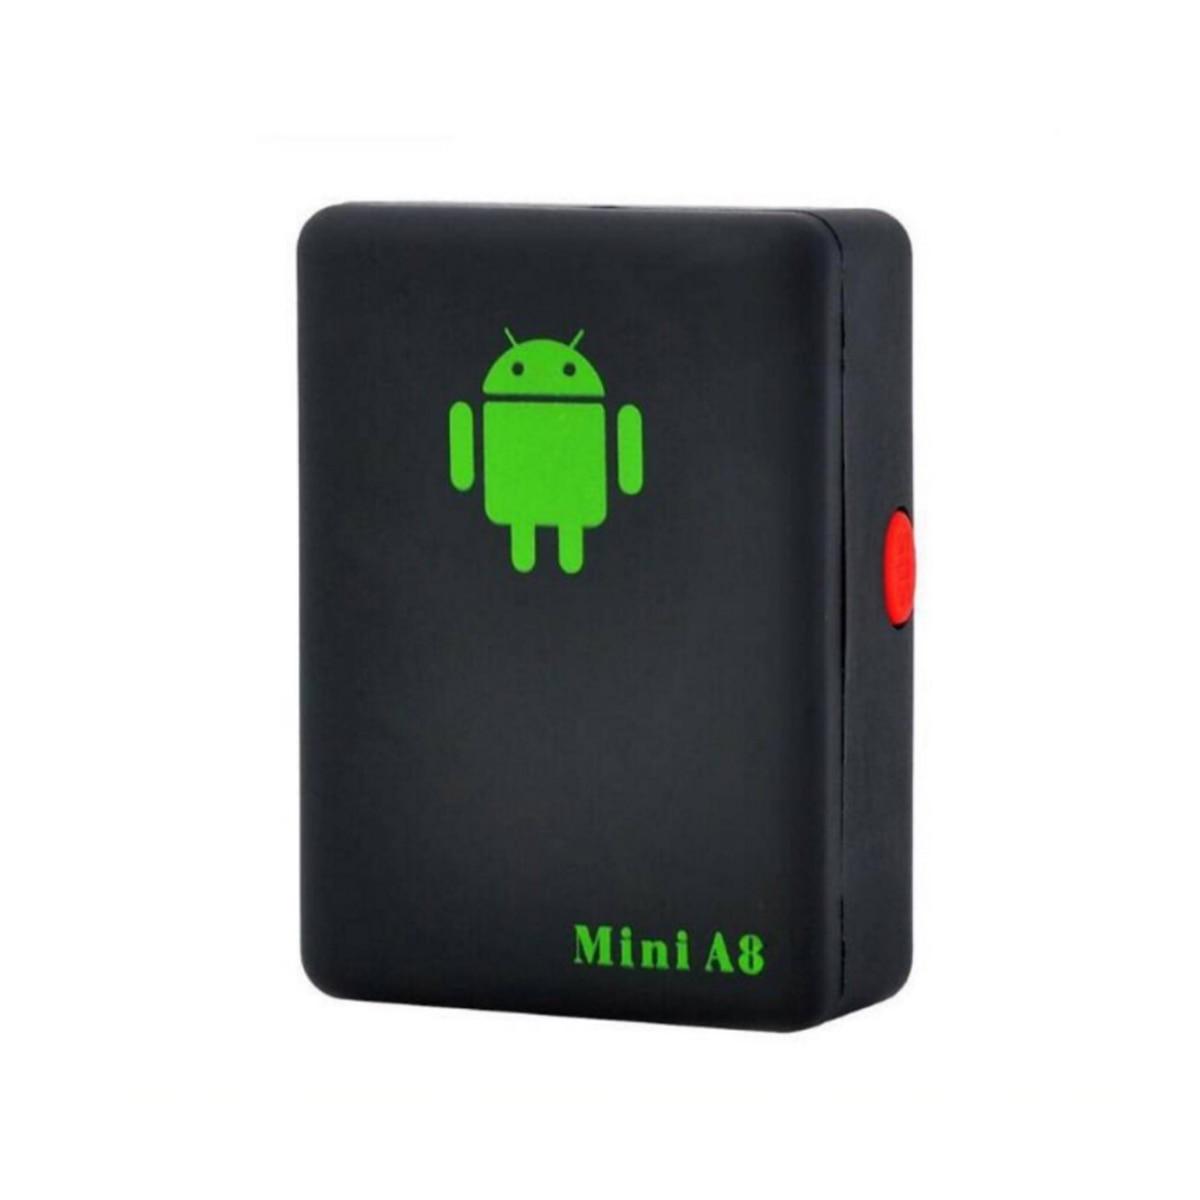 Мини шпионский Жук комната Дистанционное голосовое наблюдение GSM прослушивающее устройство слот для Sim-карты Стабильный режим ожидания 15 д...